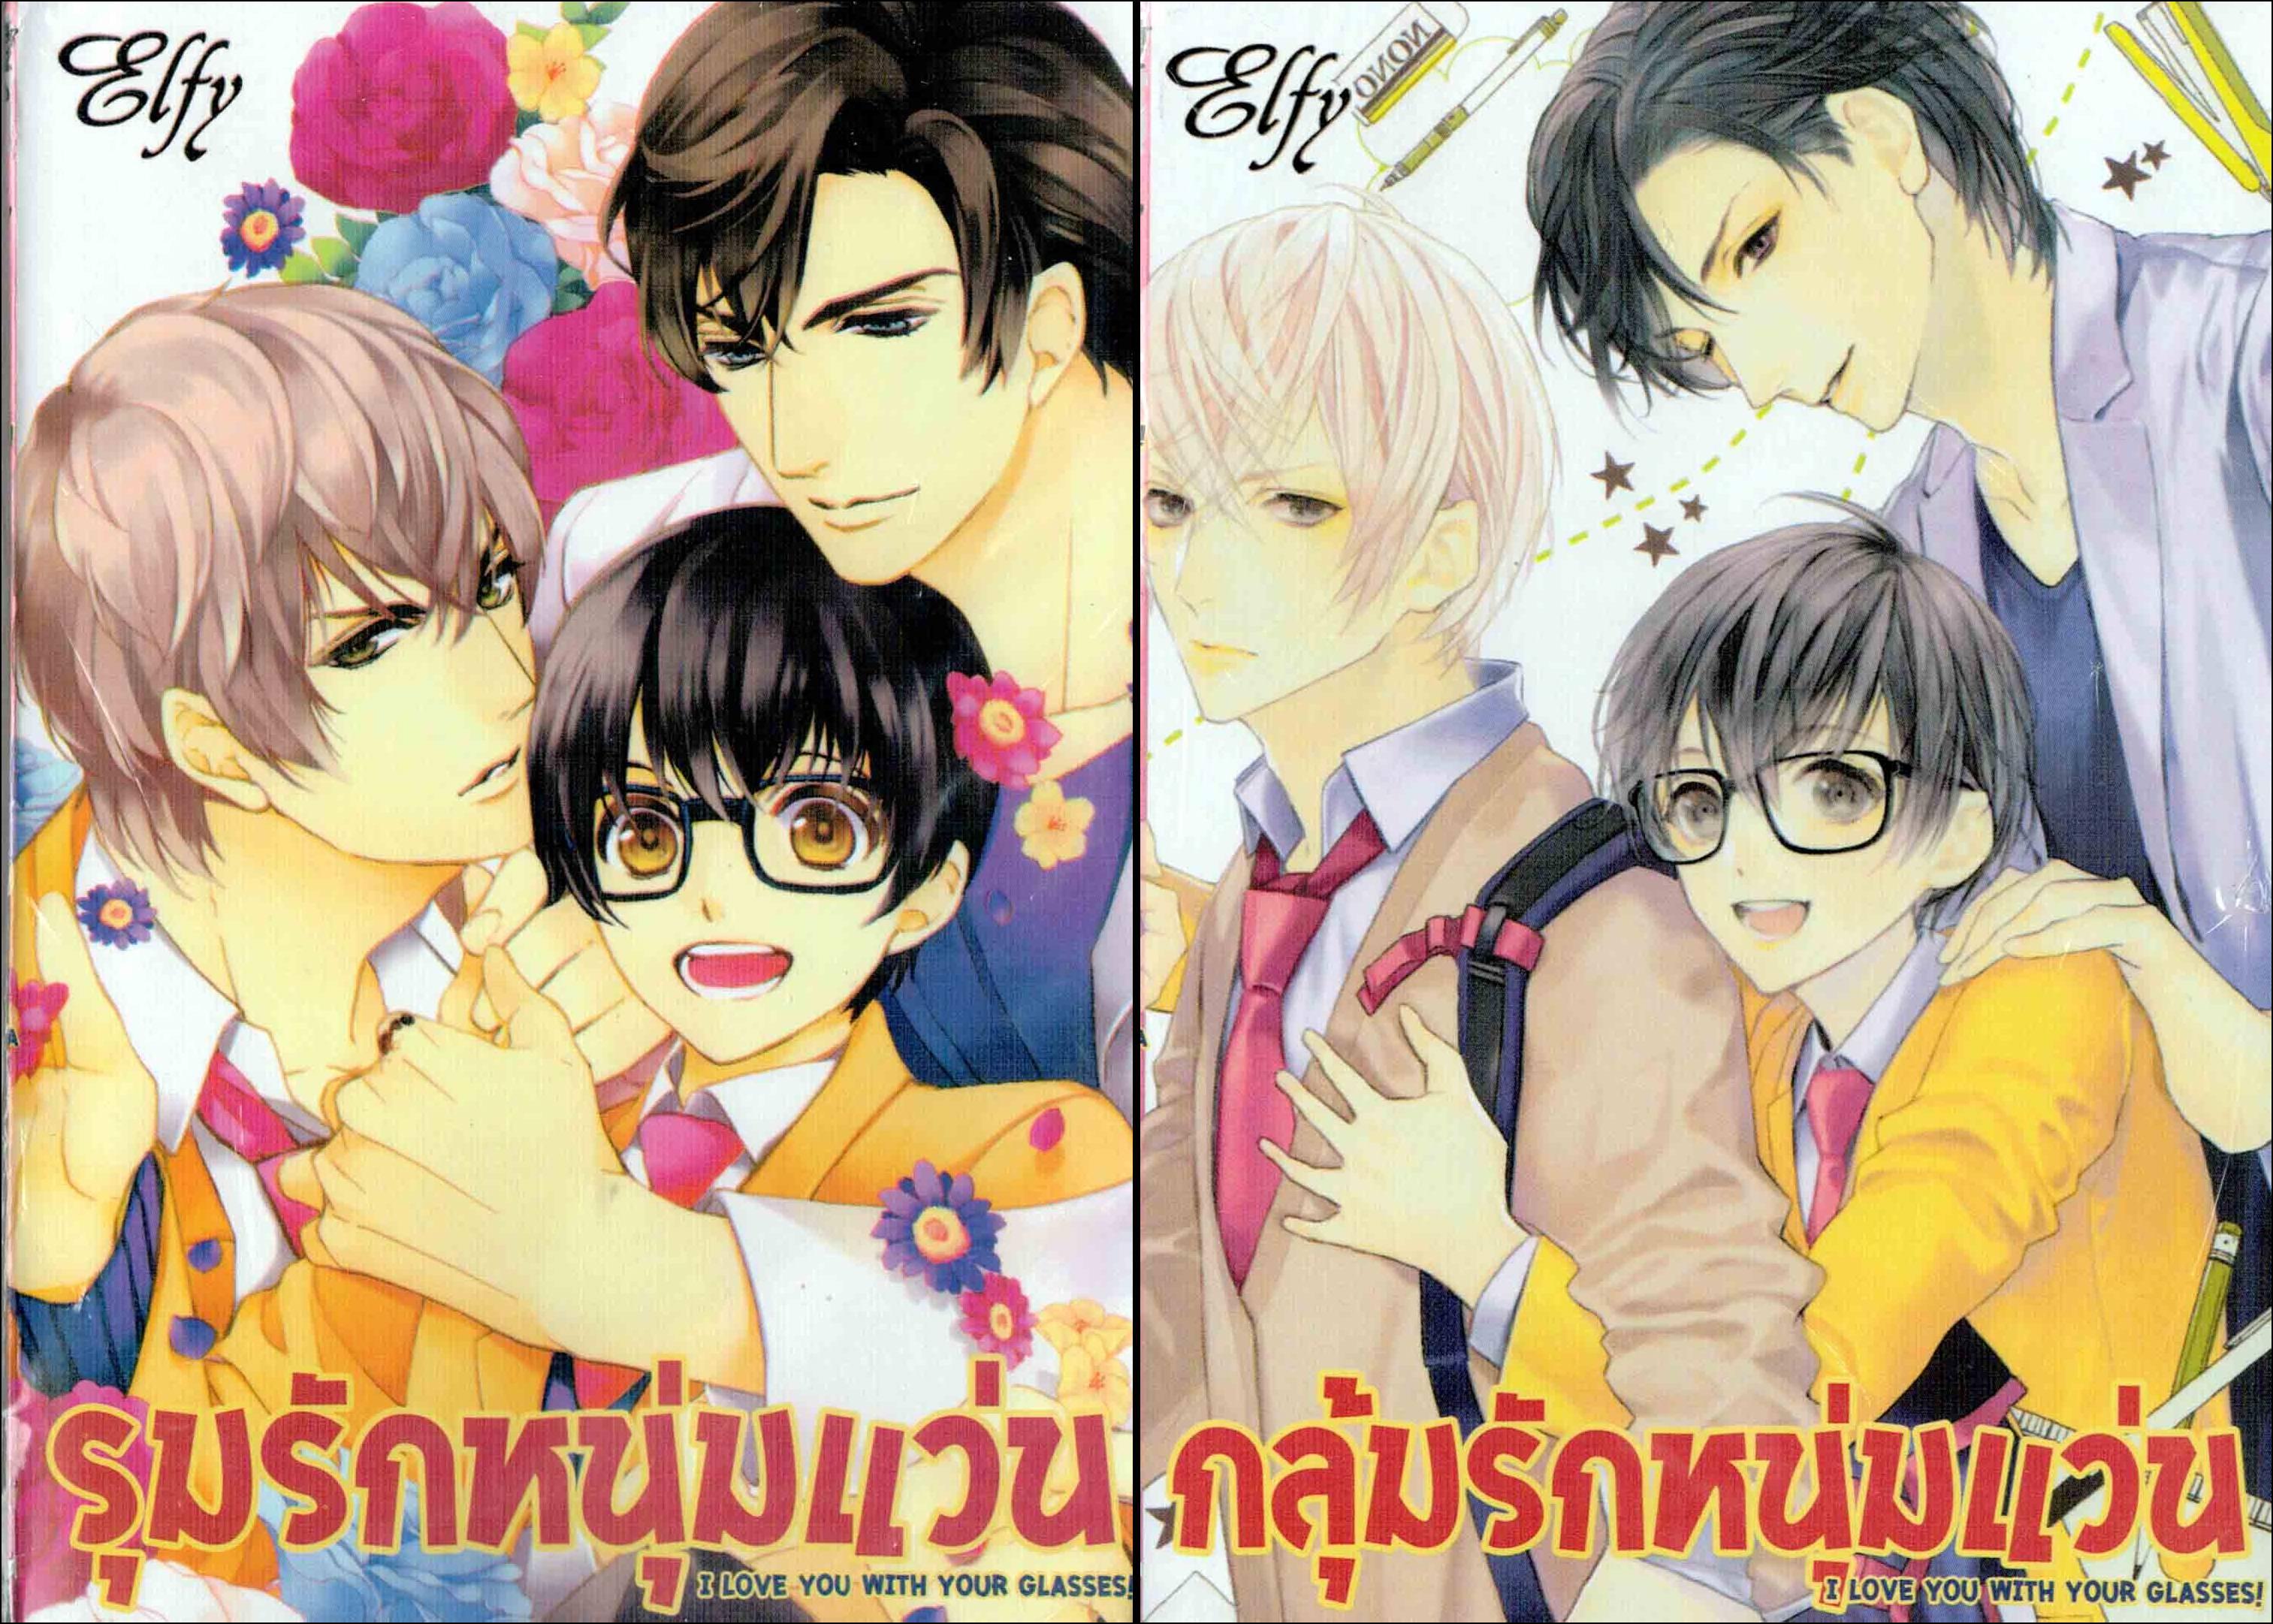 รุมรักหนุ่มแว่น + กลุ้มรักหนุ่มแว่น : Kitazawa Kyou